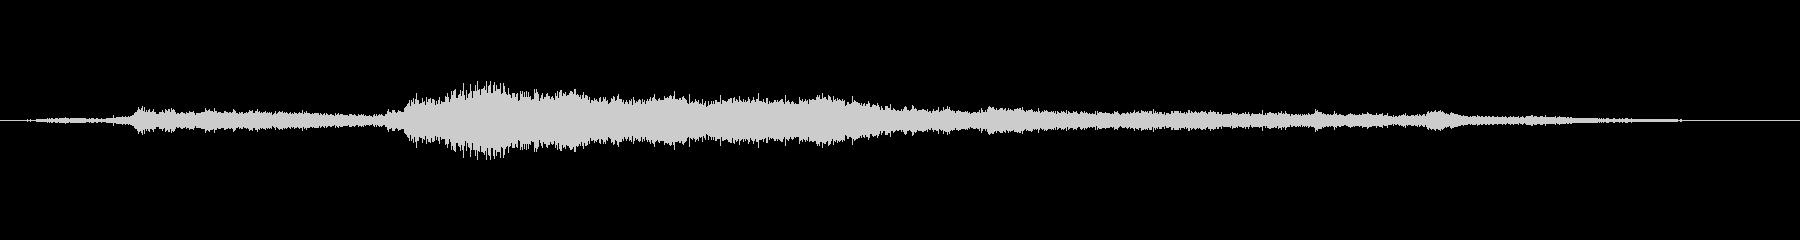 セビリアの噴水の未再生の波形